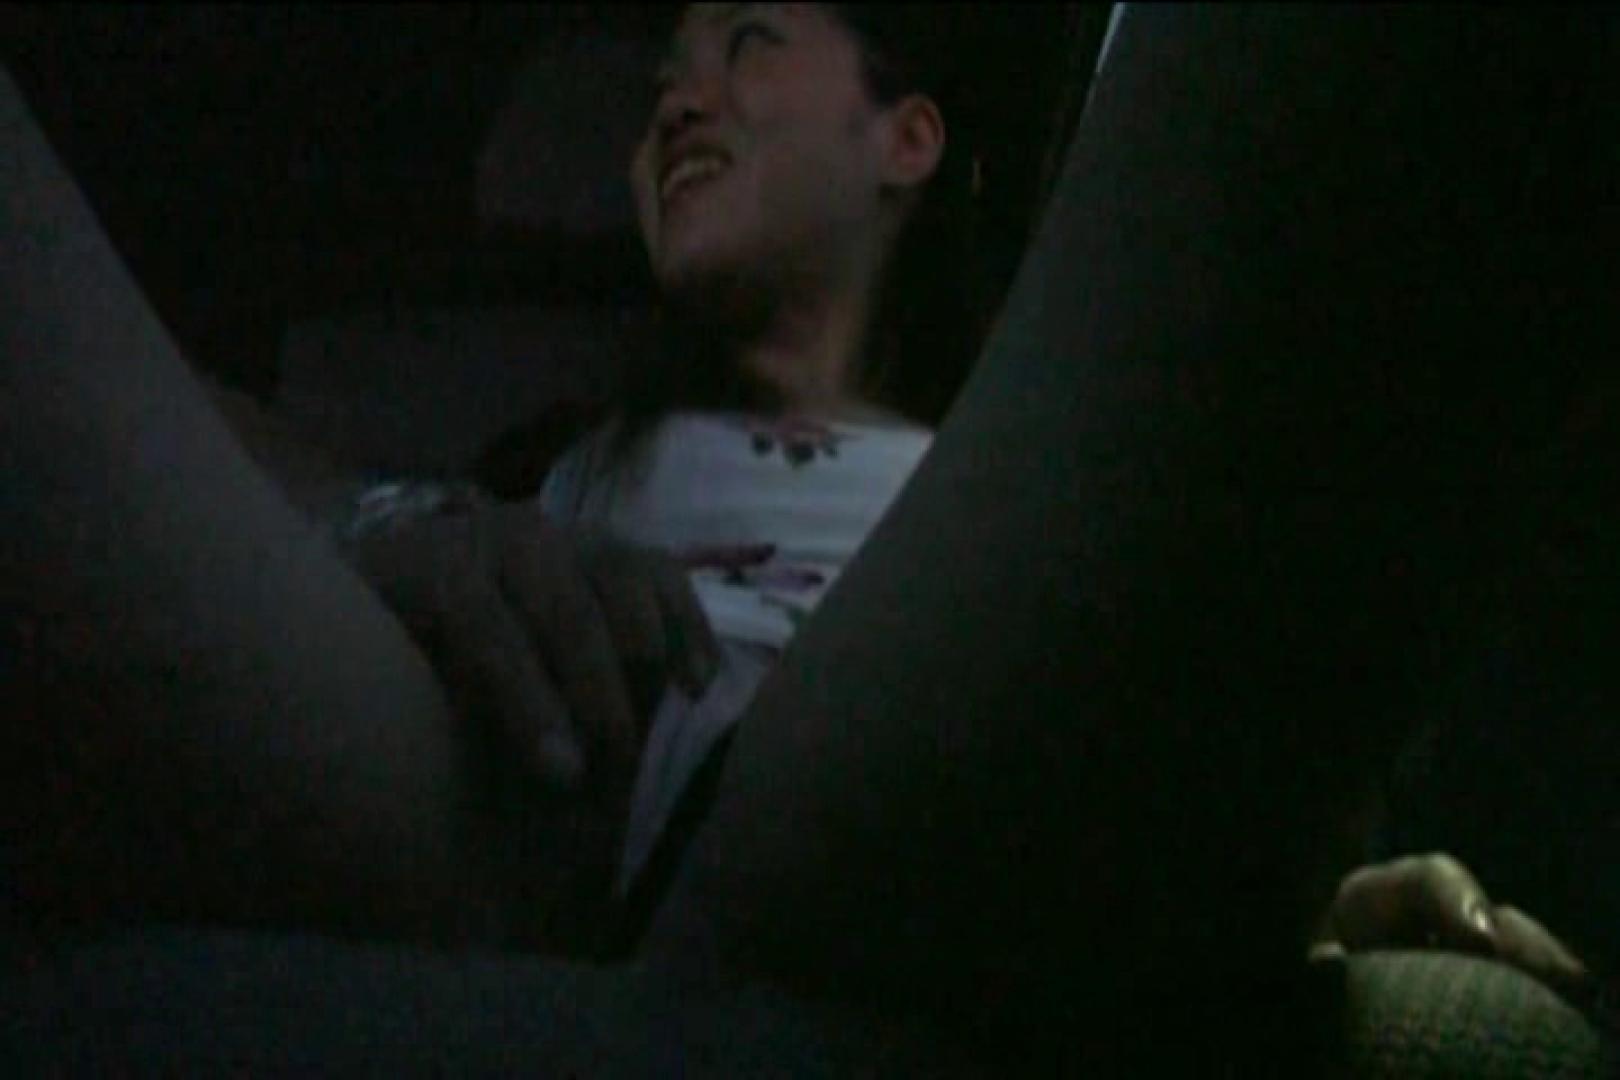 車内で初めまして! vol01 投稿 | ハプニング映像  102PIX 61